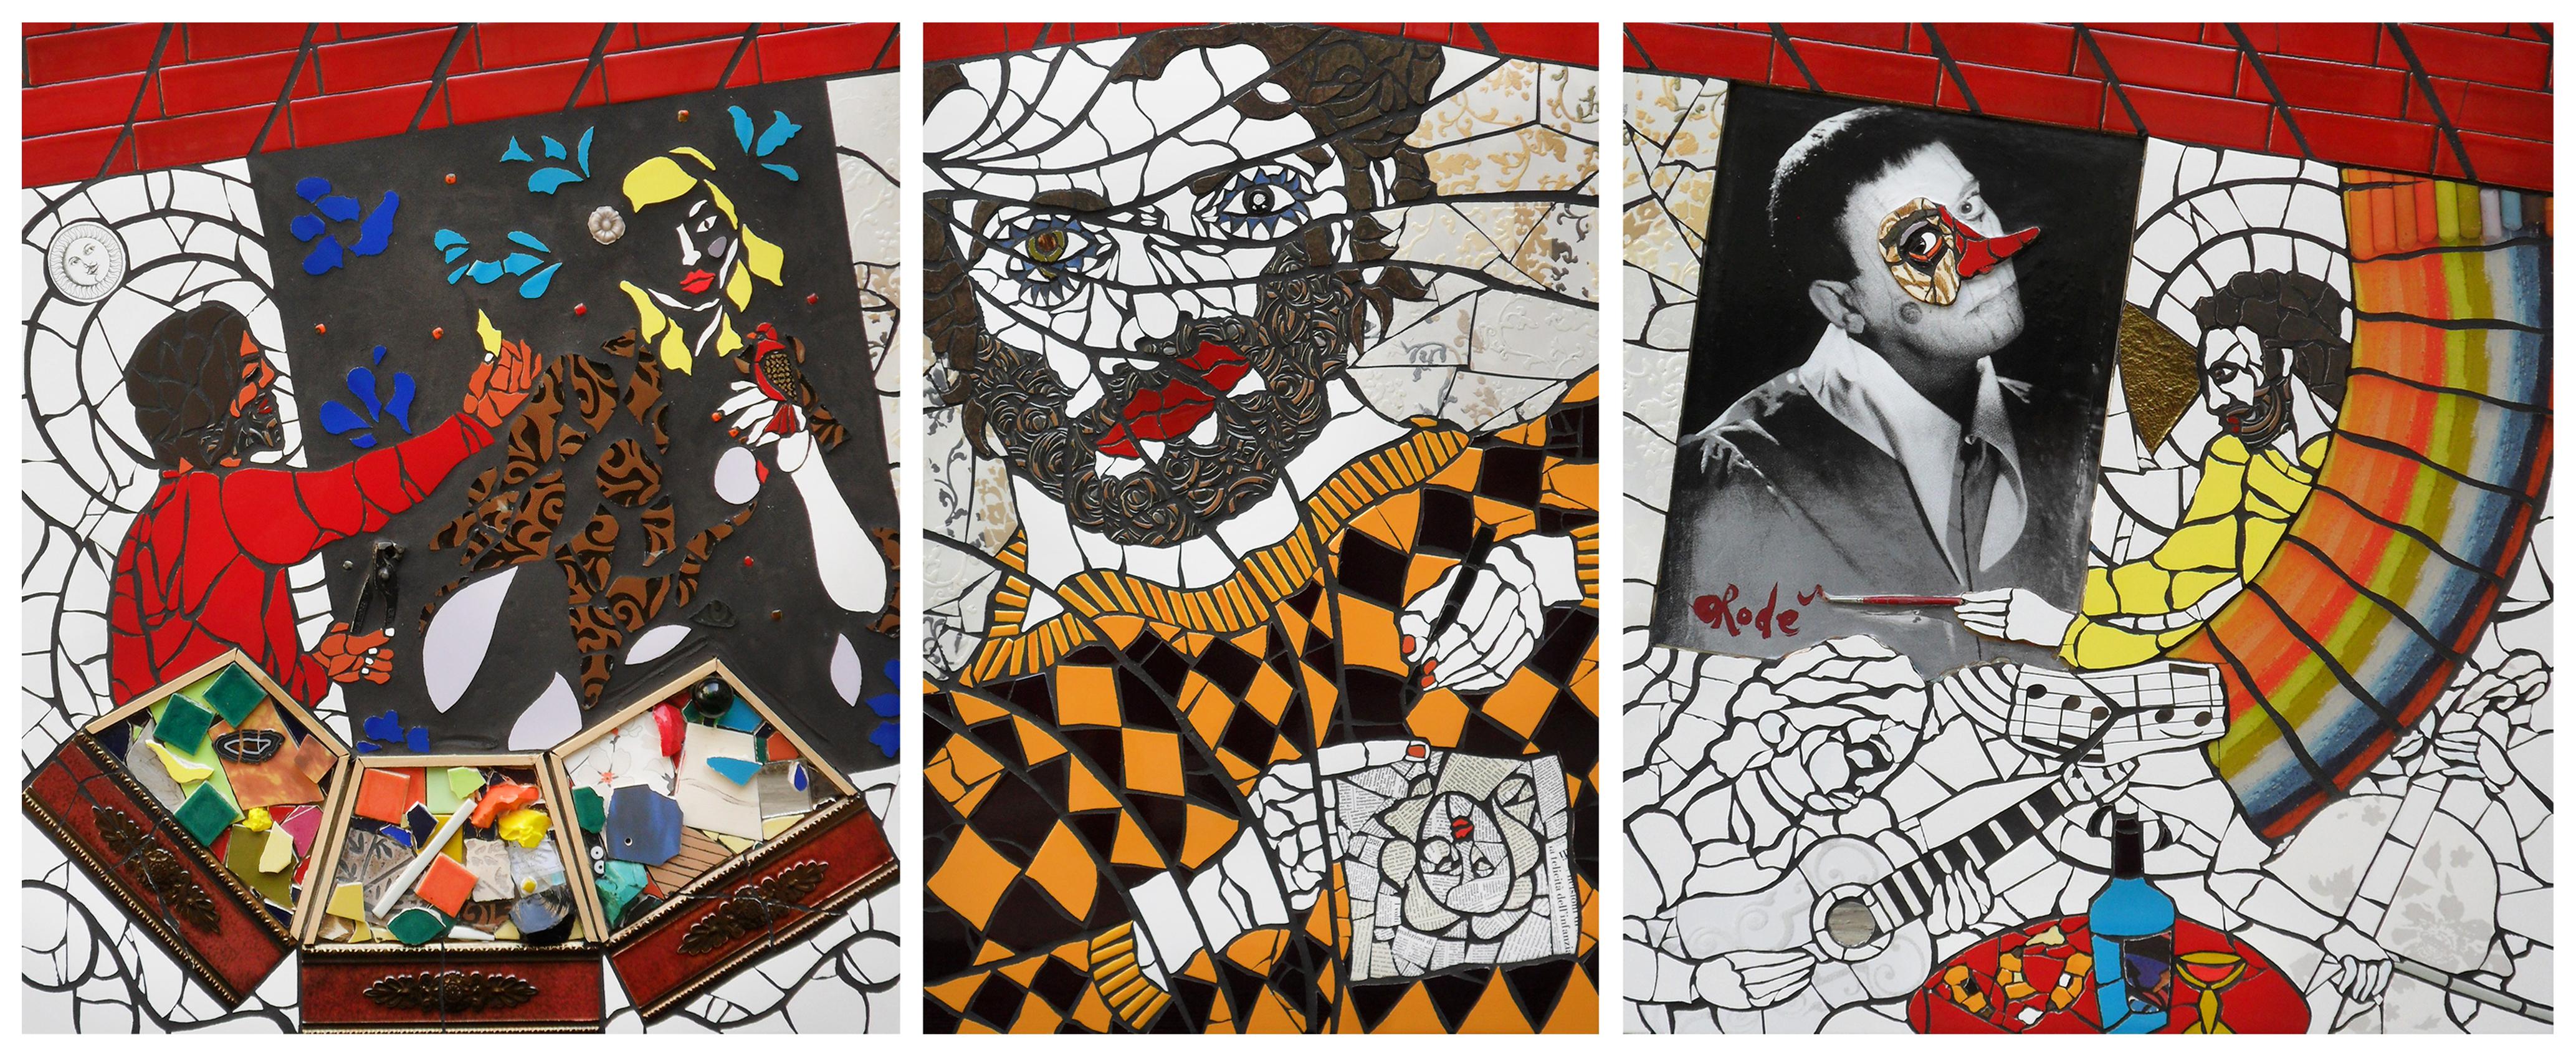 Autoritratto mentre creo. Il mio atelier-Trittico di Orodè Deoro. Metri 2,5x1. 2013